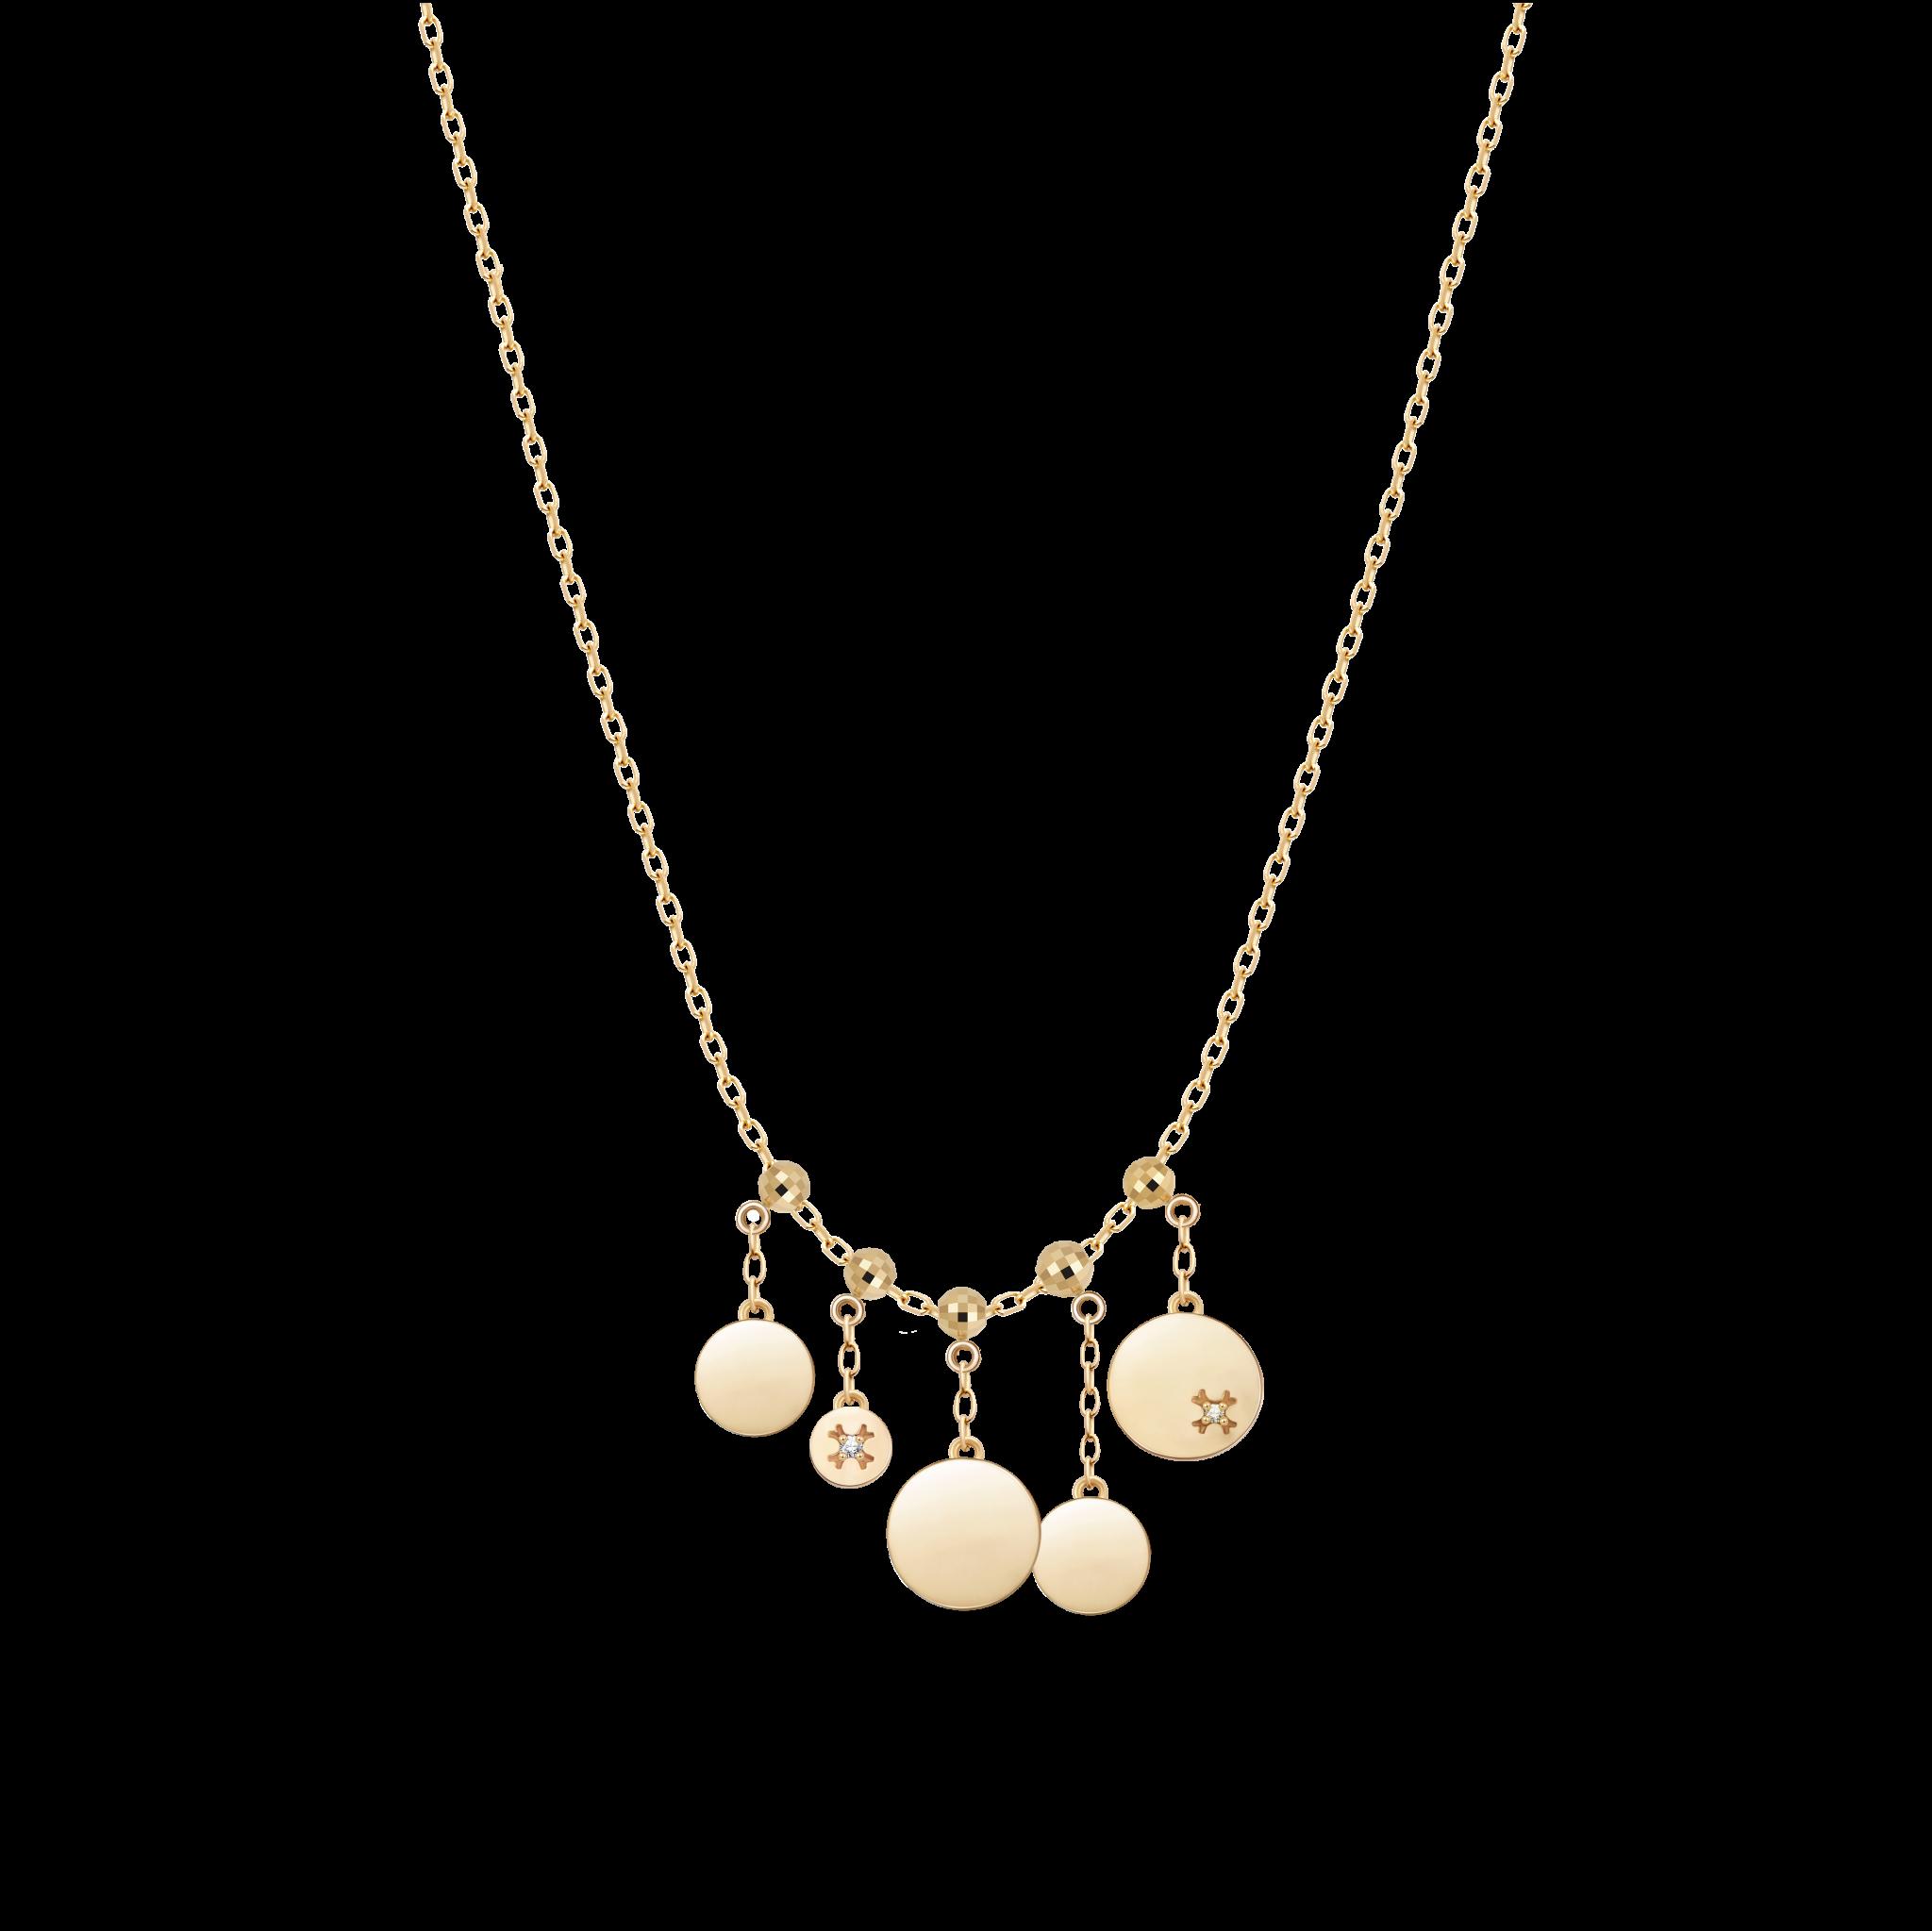 圆片-项链